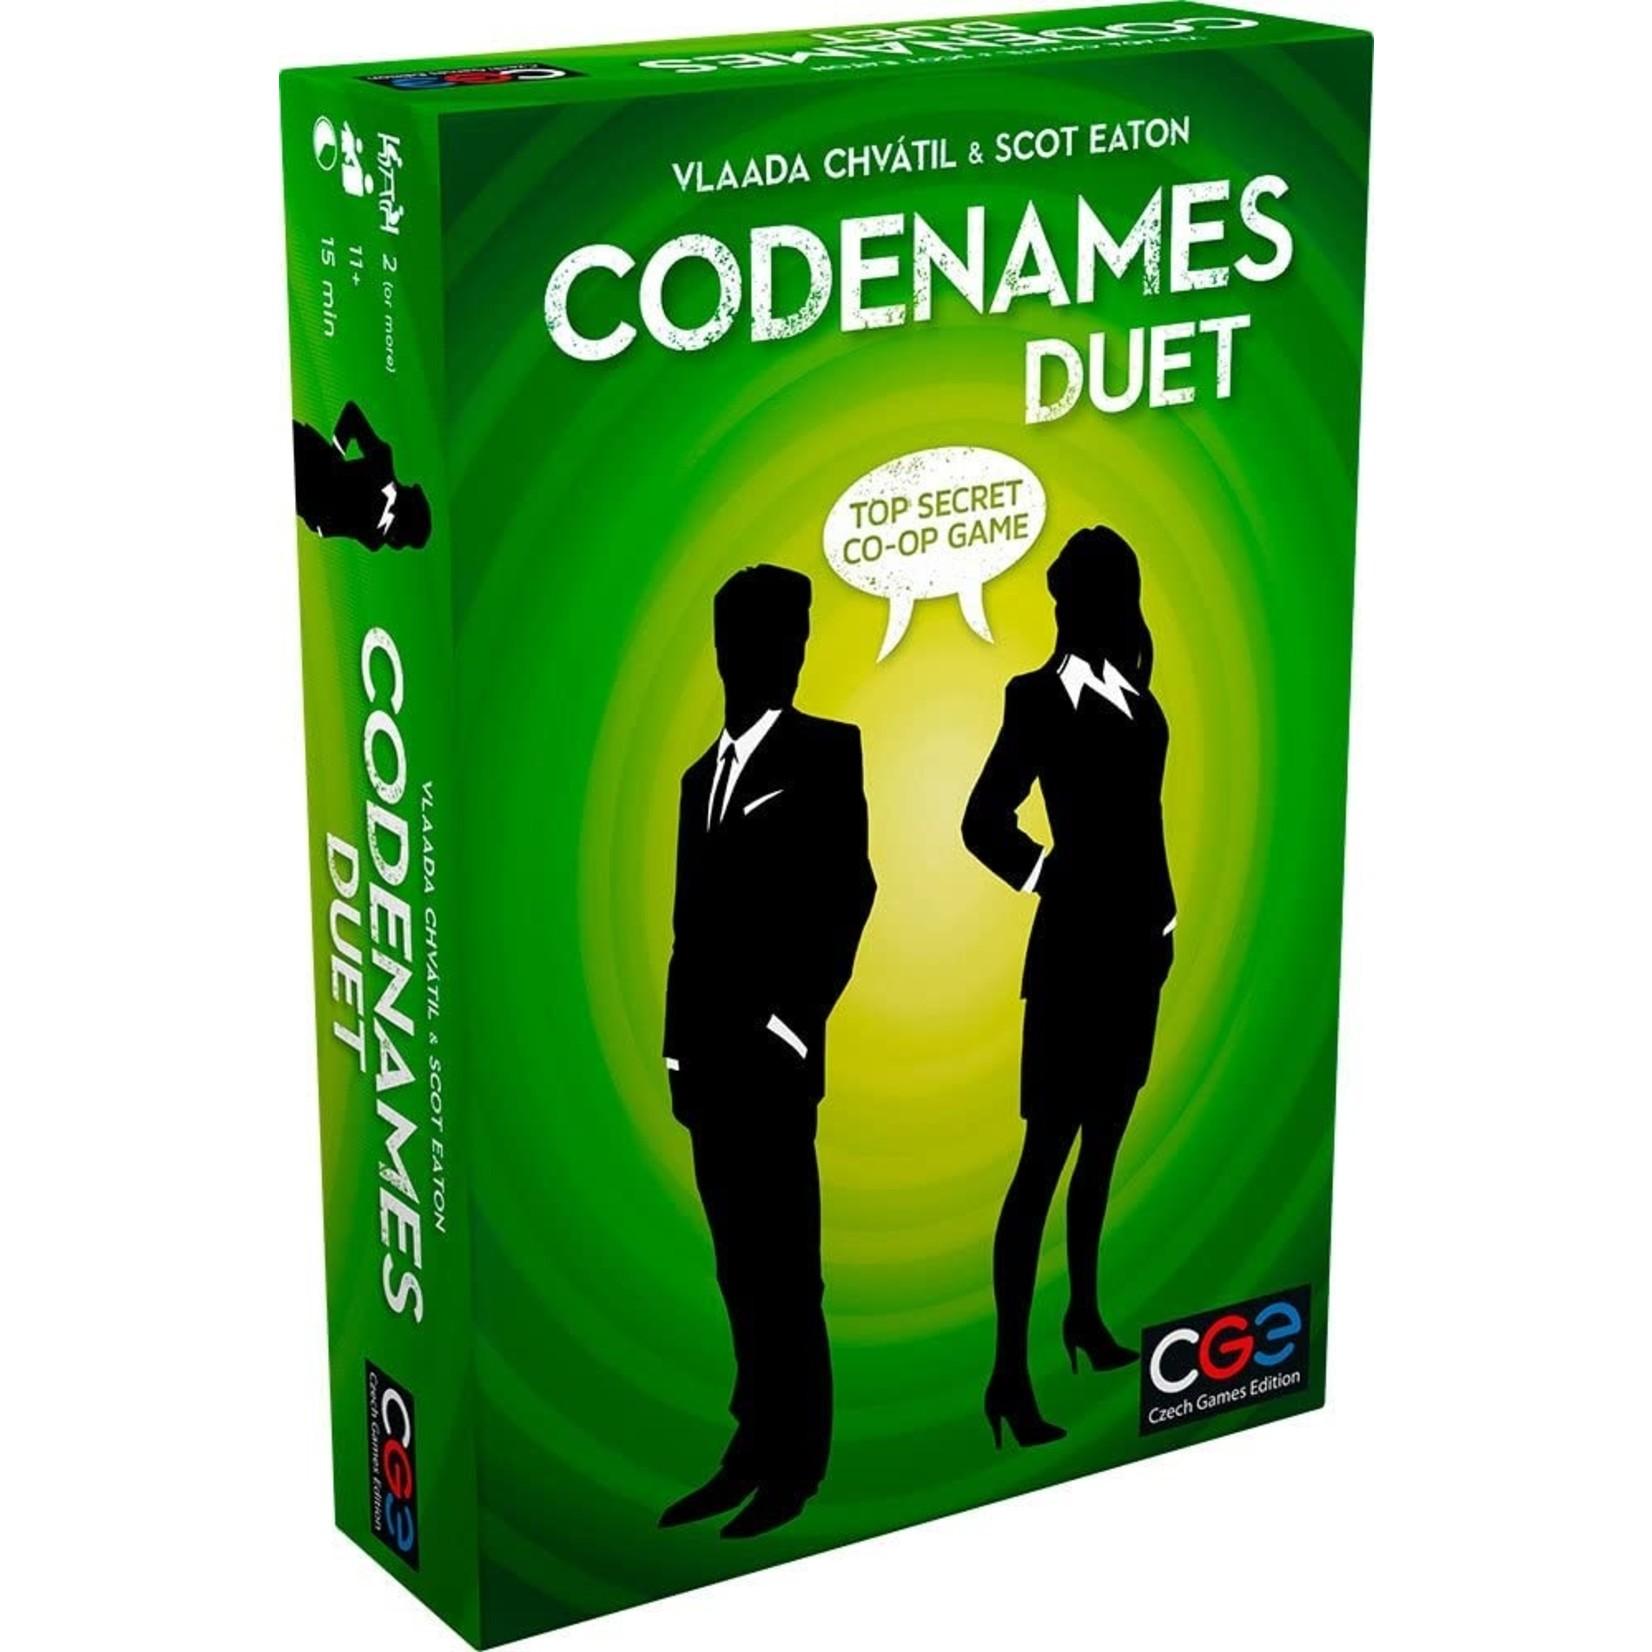 Czech Games Edition Codenames: Duet